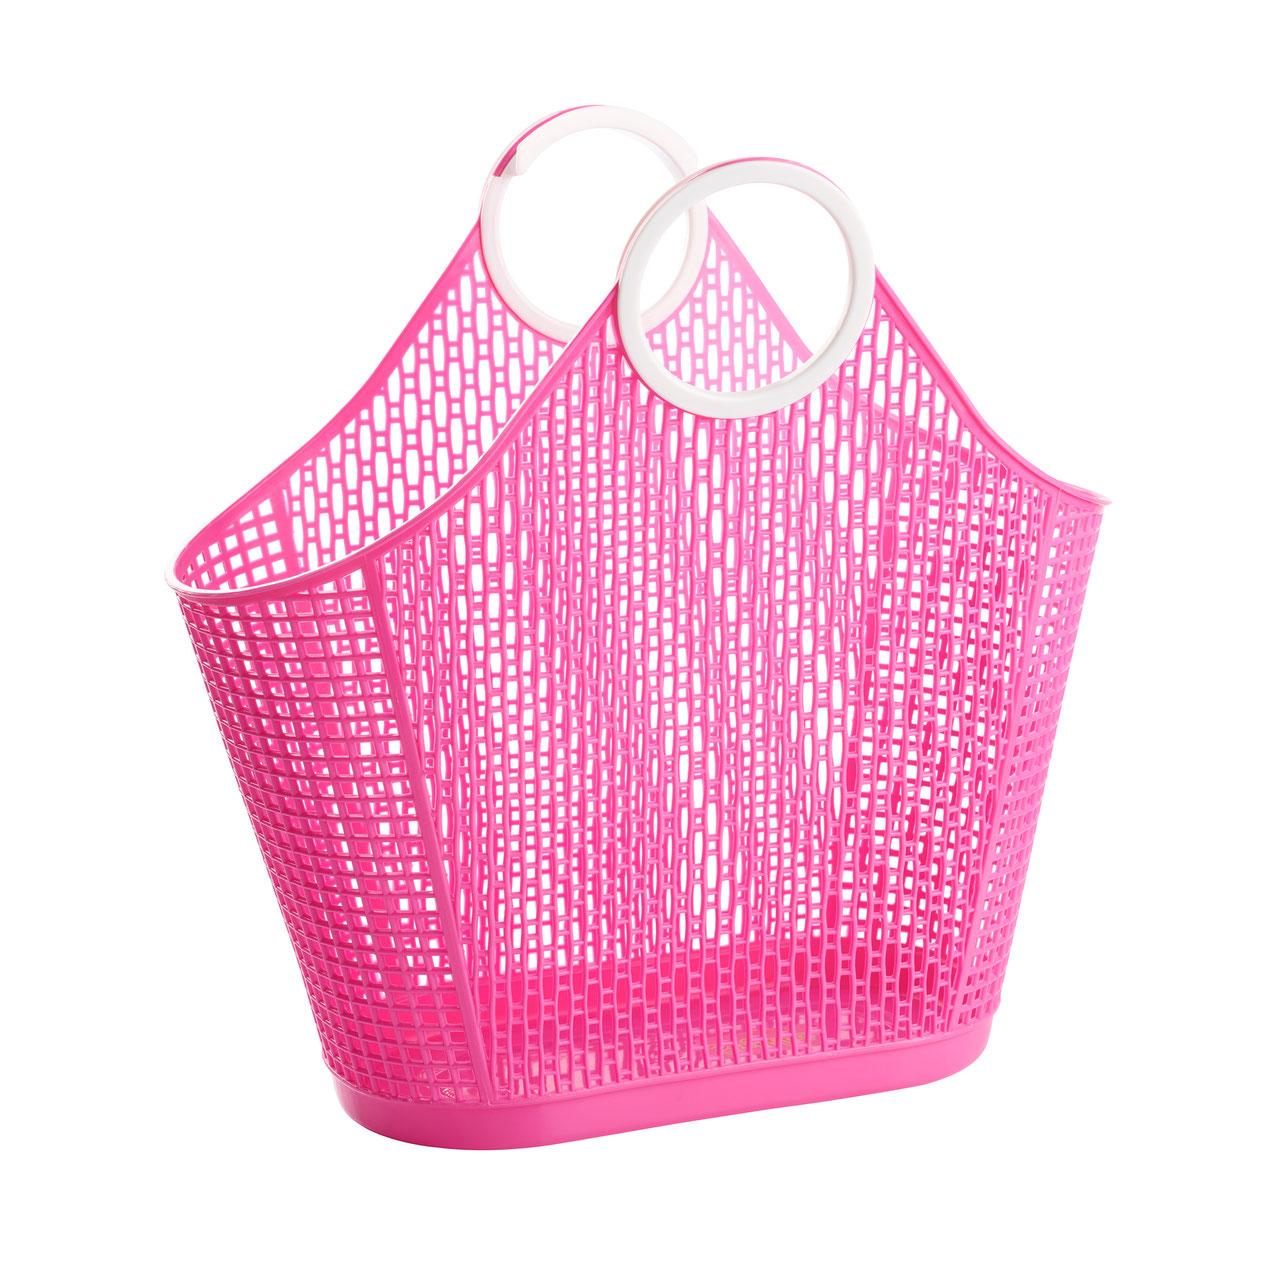 Sun Jellies Fiesta Shopper – Pink (large)